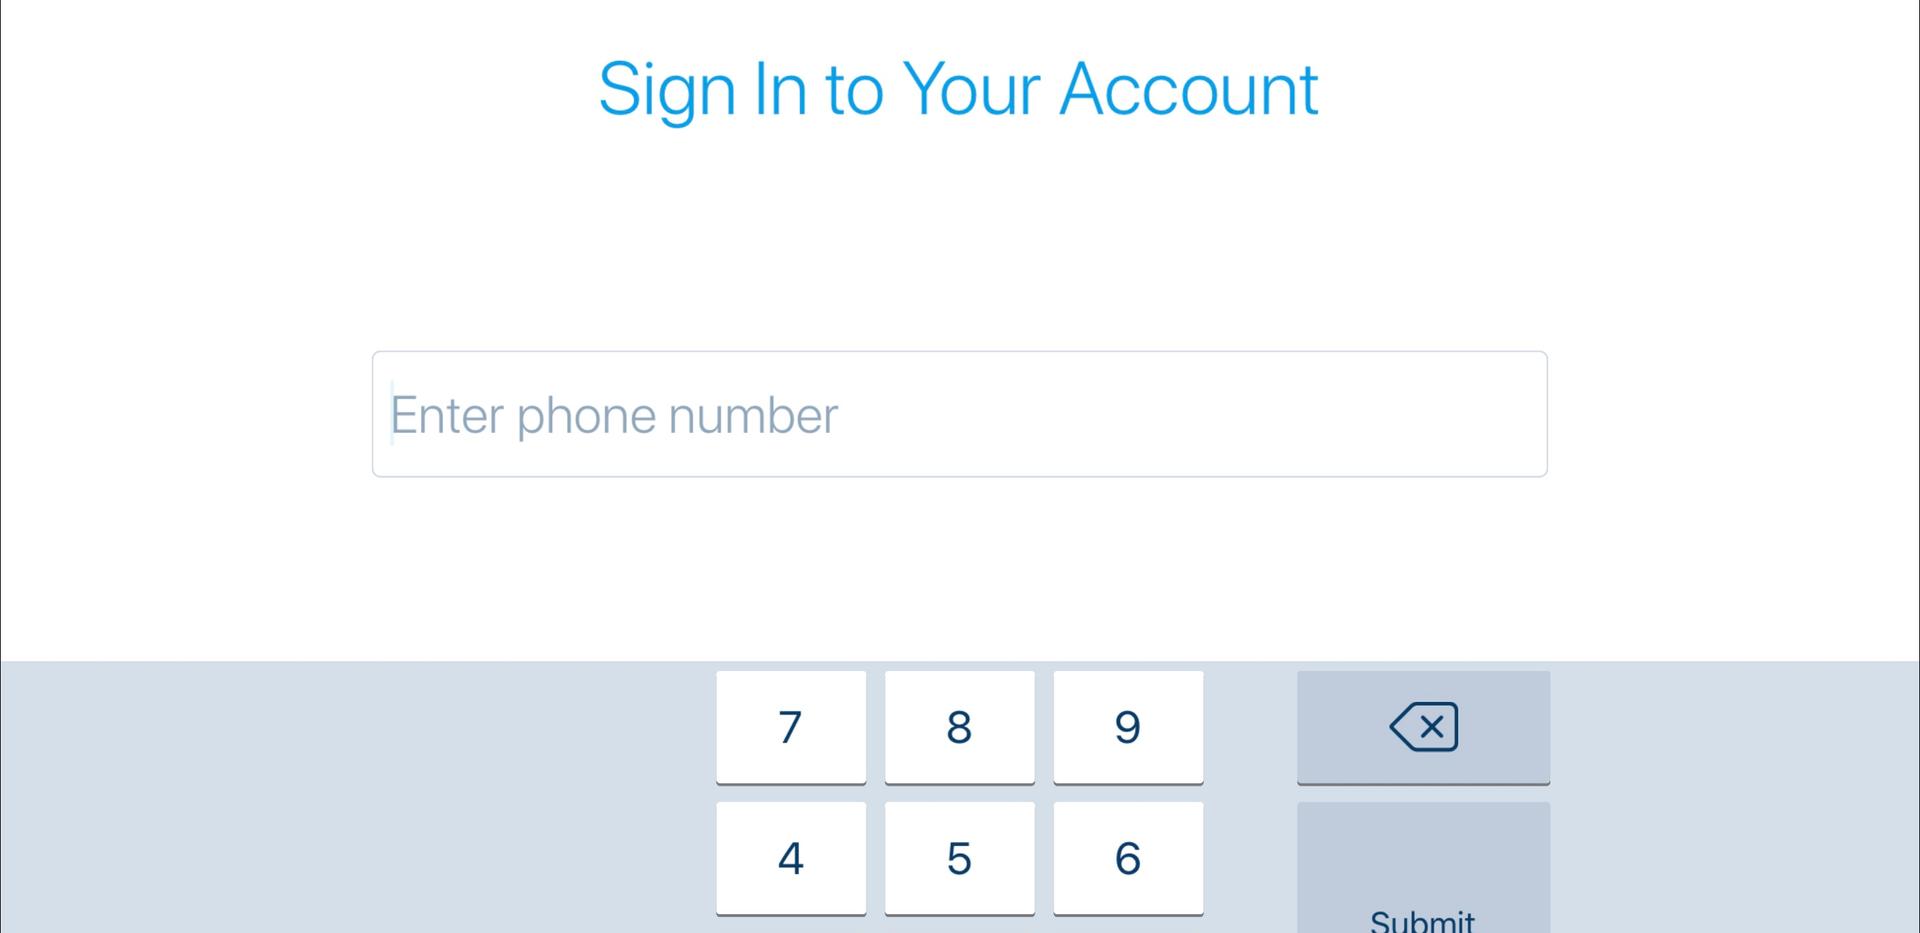 Enter Phone Number